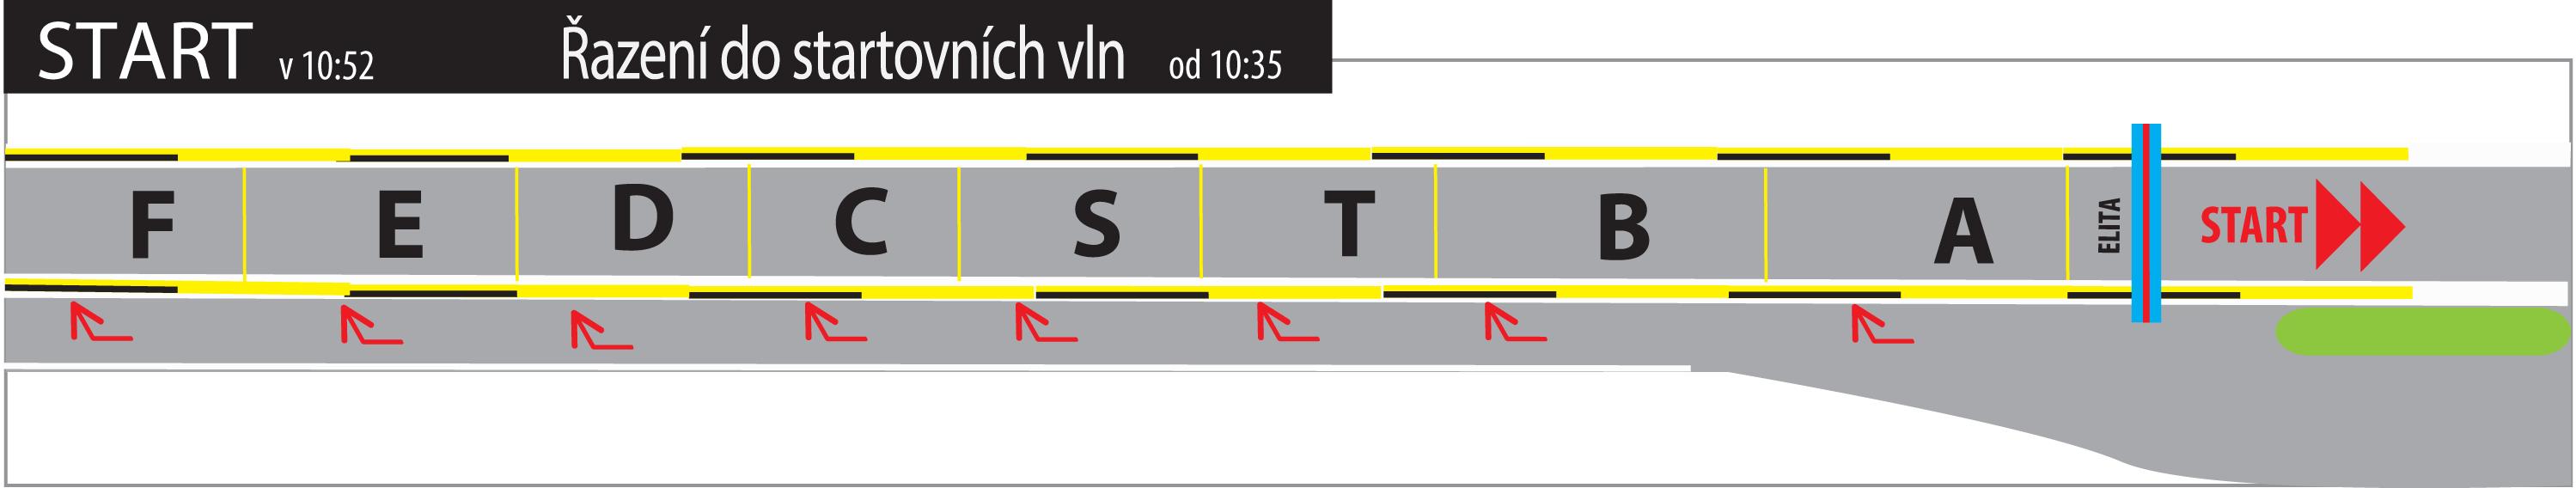 Řazení na start do startovních vln VP 2017